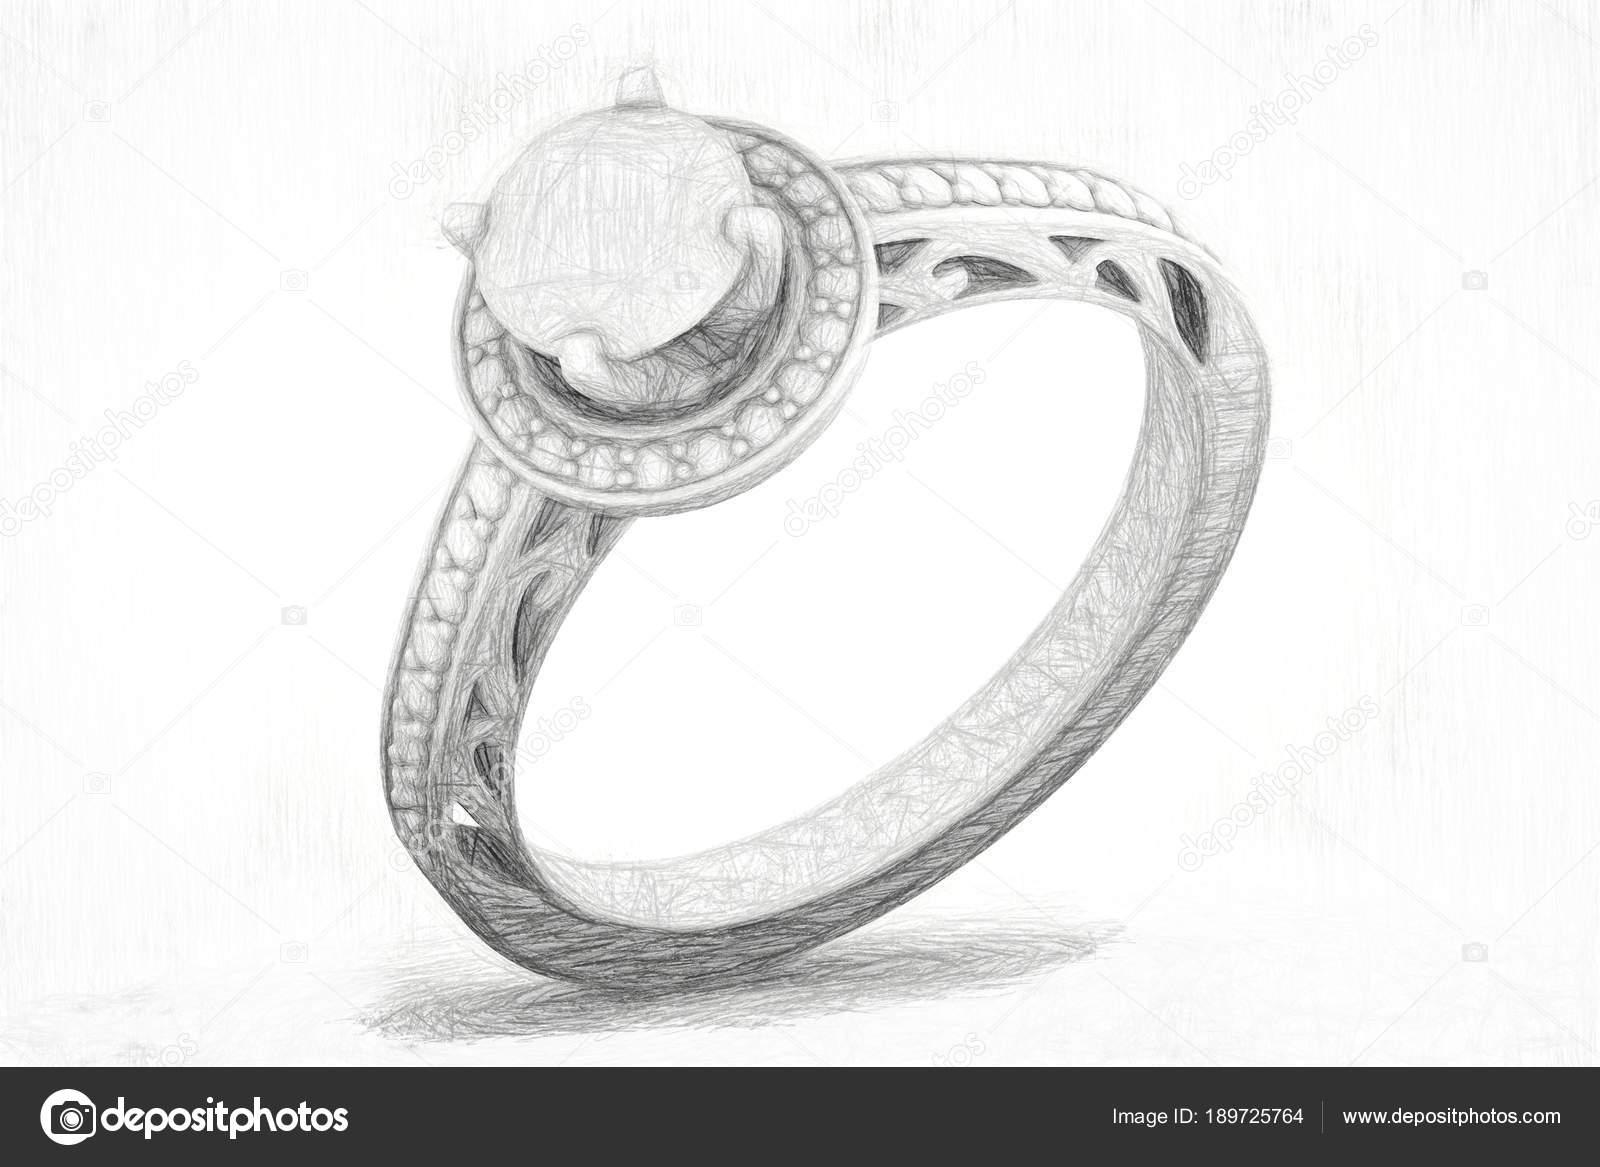 Textura De Dibujo De Joyería Del Anillo De Compromiso Render 3d